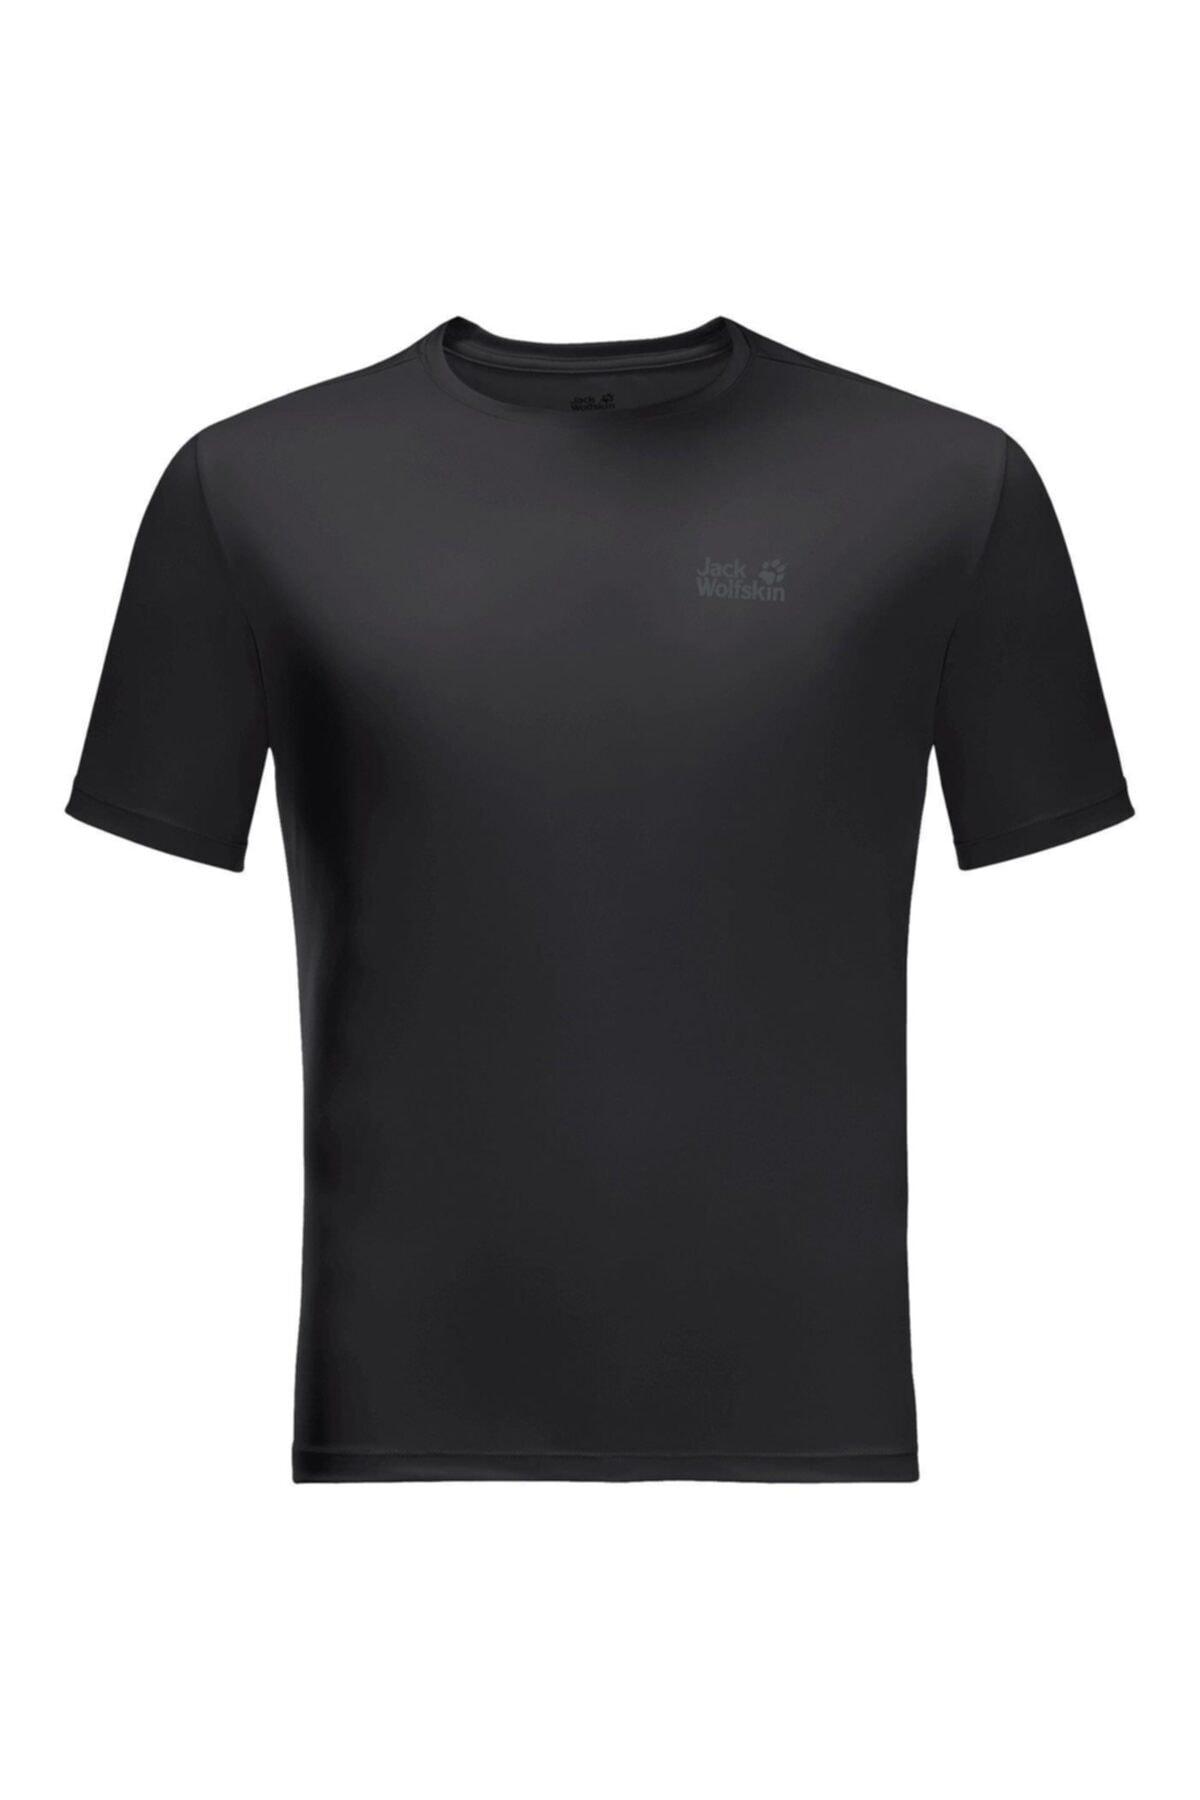 Jack Wolfskin Tee Erkek T-Shirt - 1807071-6000 1